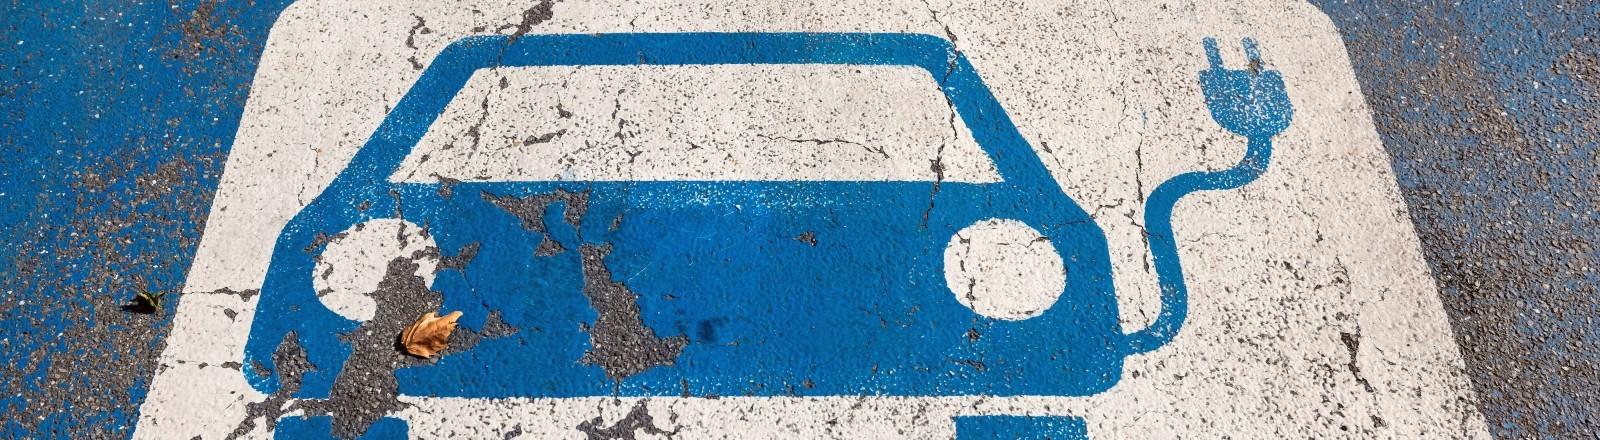 Ein gekennzeichneter Parkplatz für E-Autos an einer Ladesation.